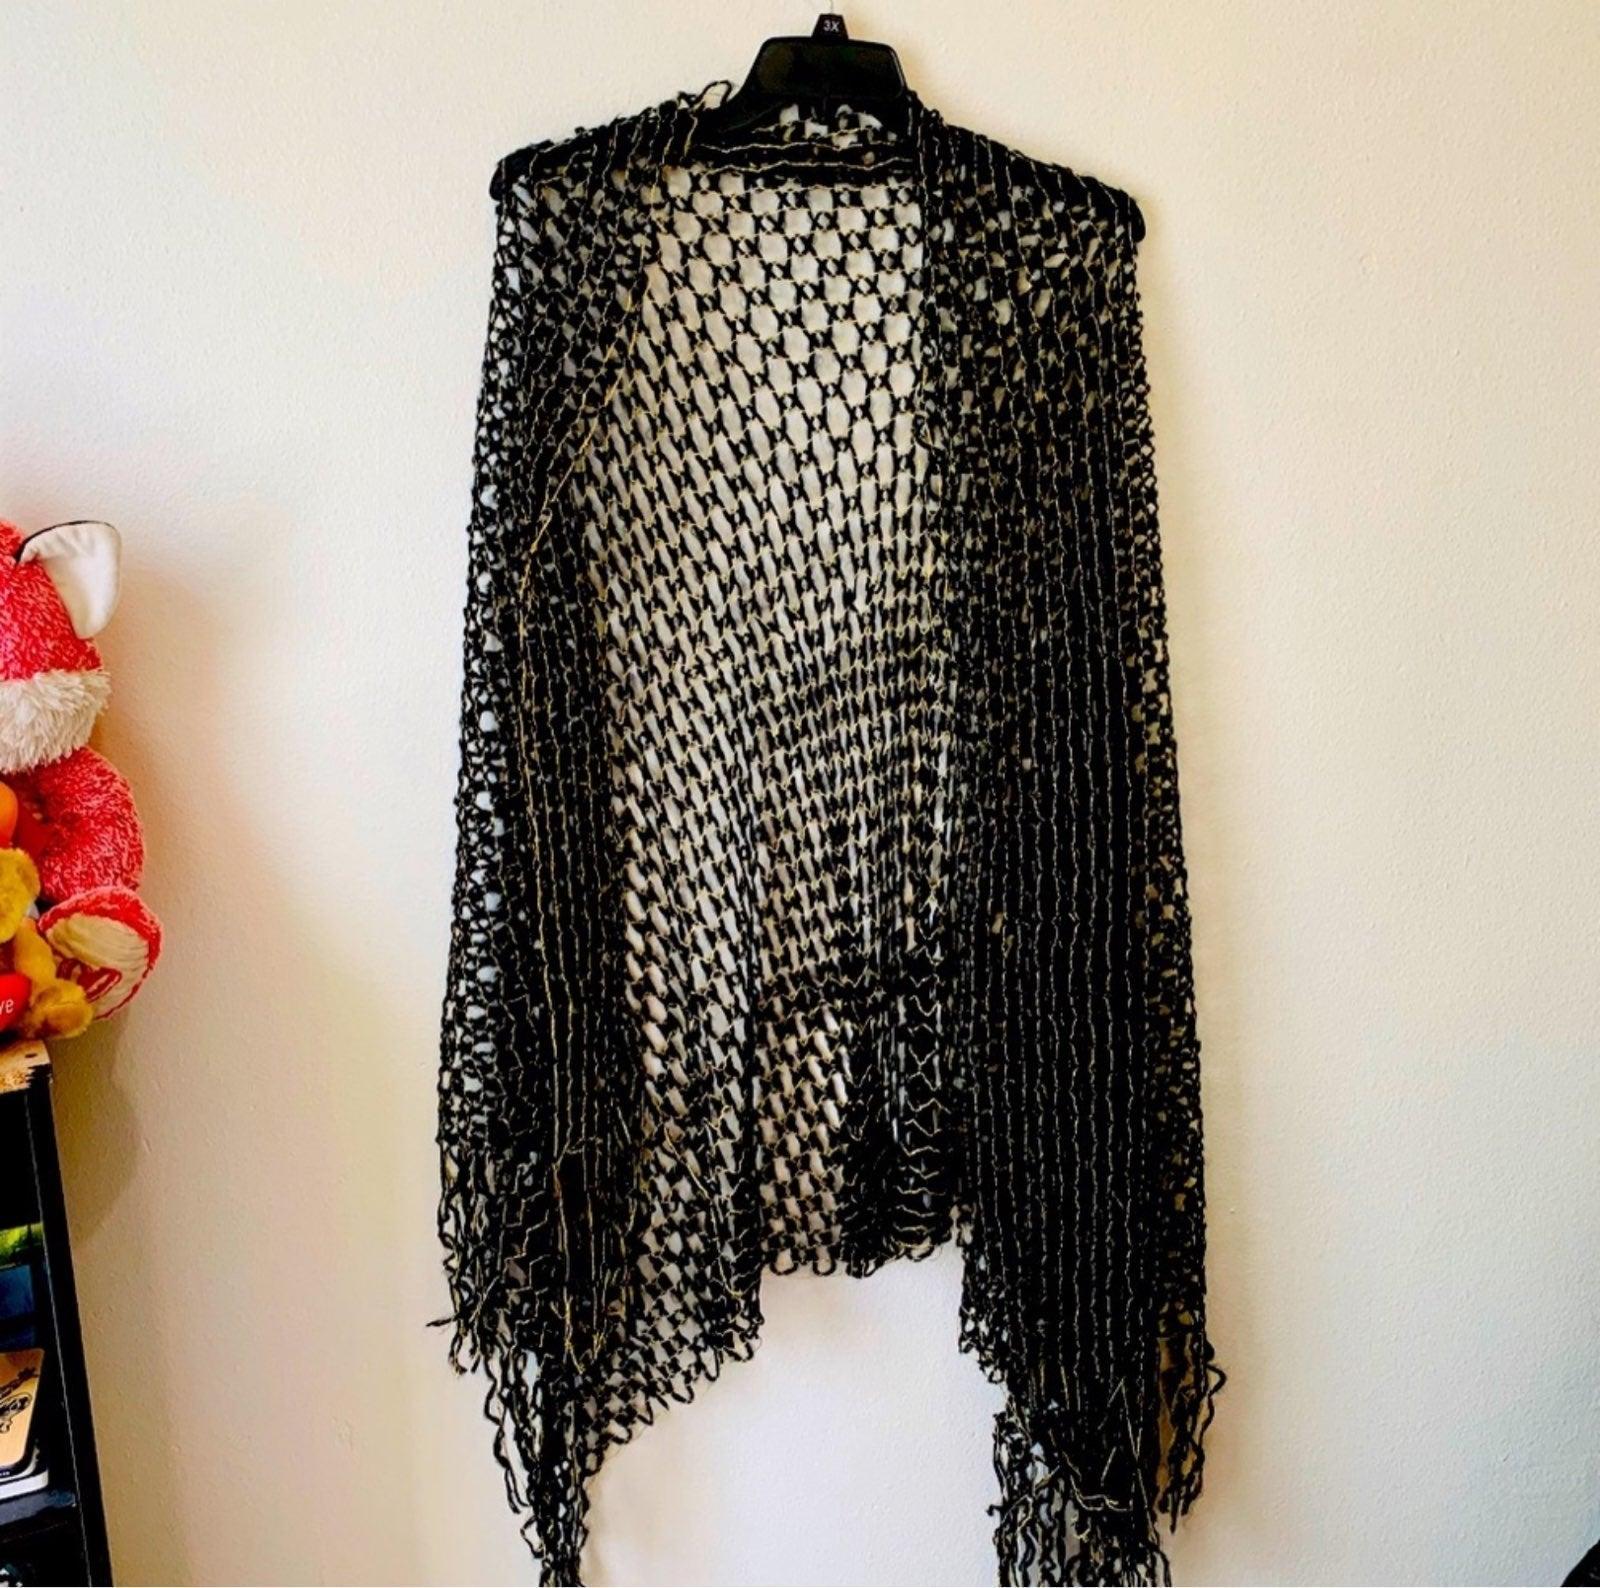 Black & Gold Knit Shawl Scarf